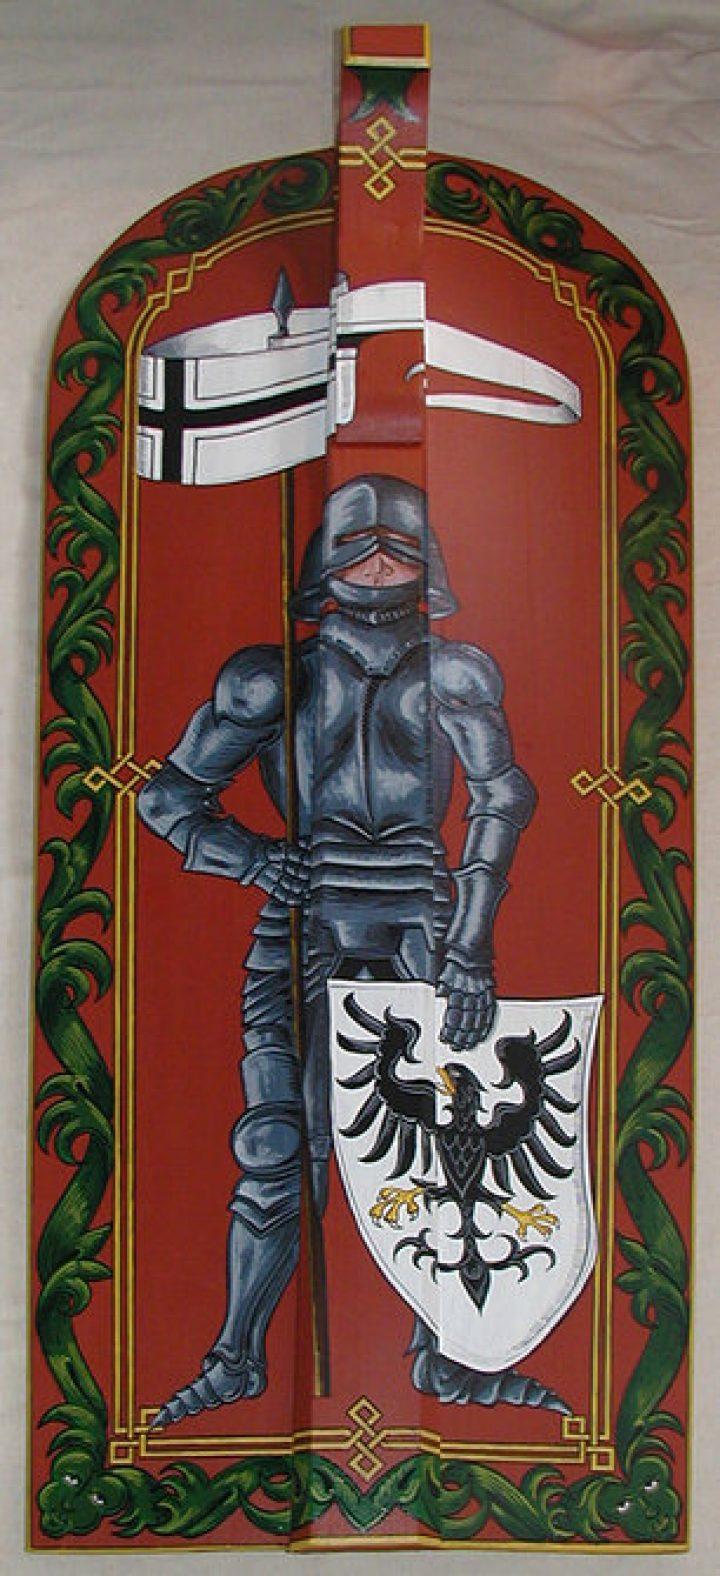 Battle Ready Houten Langschild